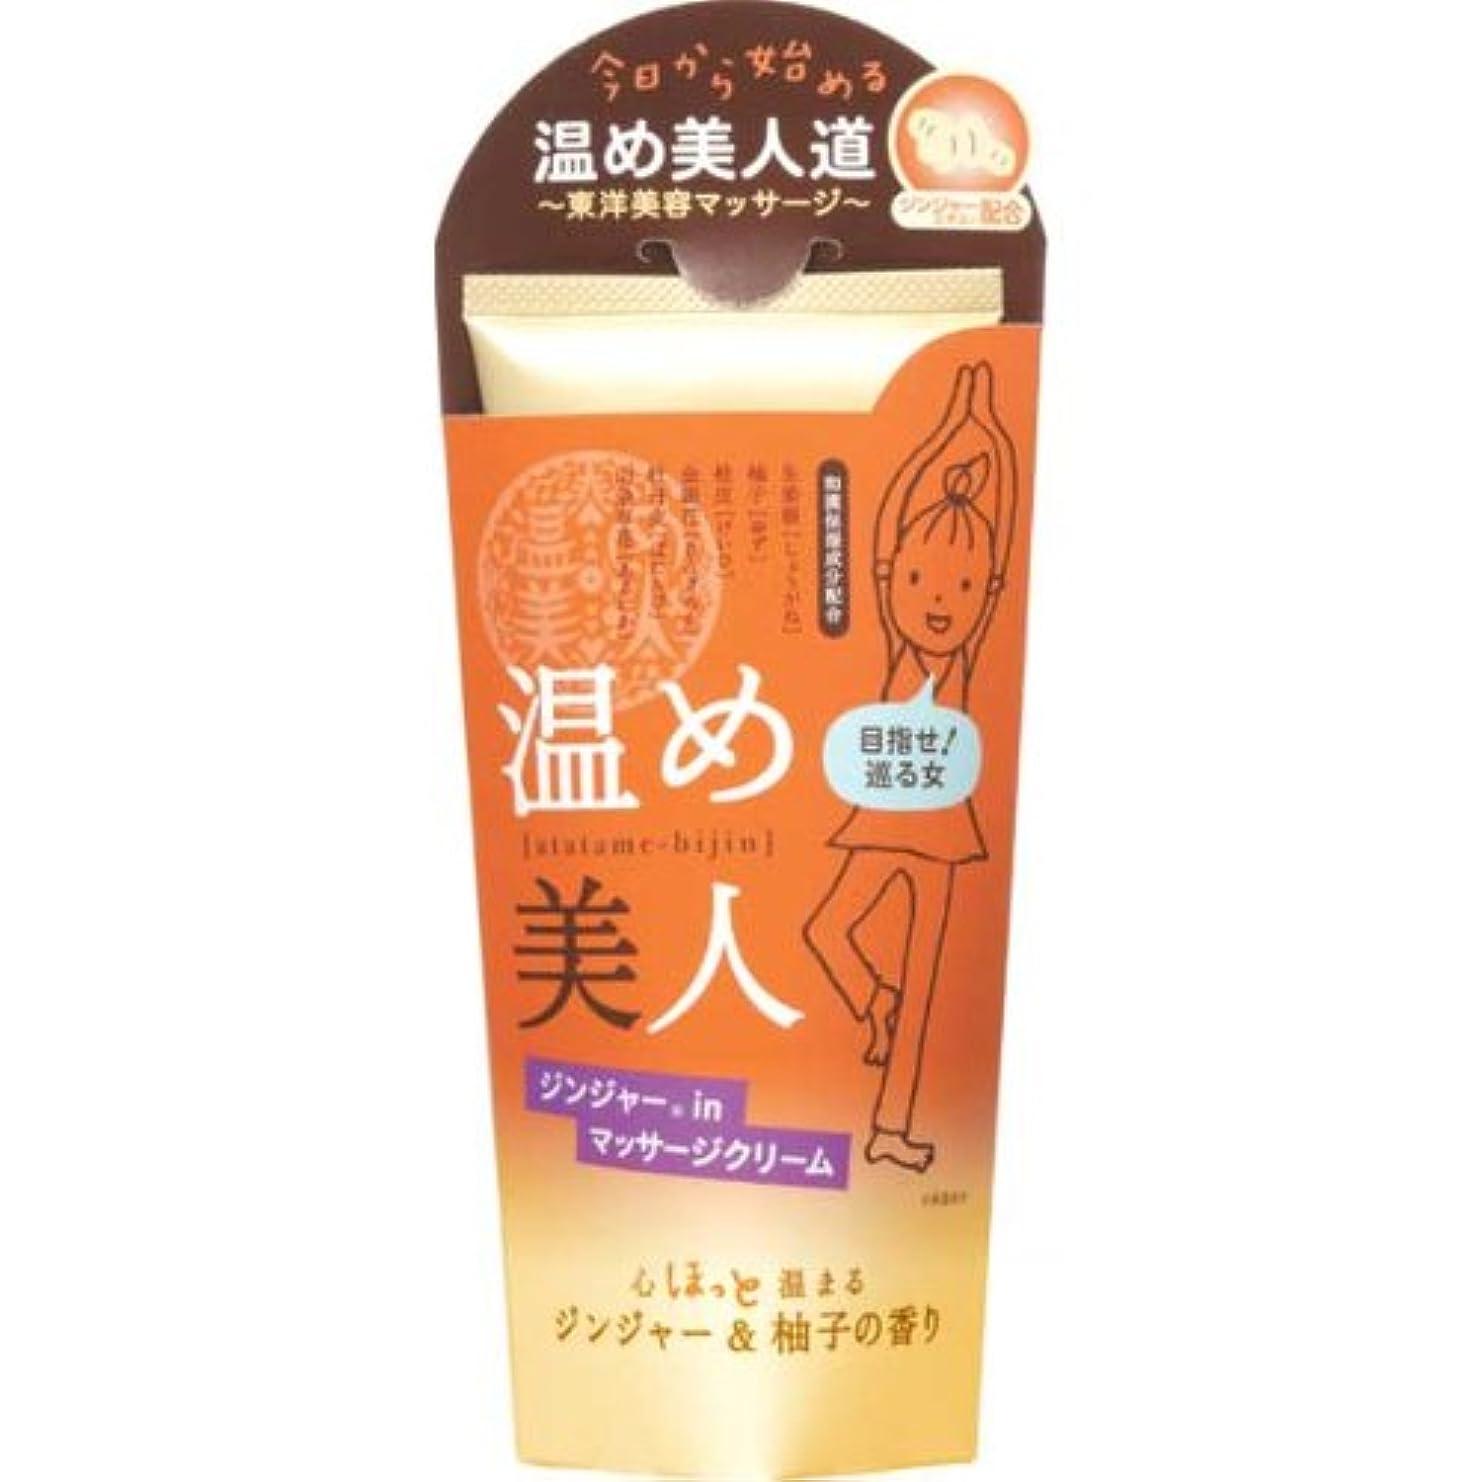 ファウル研磨剤消費温め美人 マッサージクリーム 150g 833836001